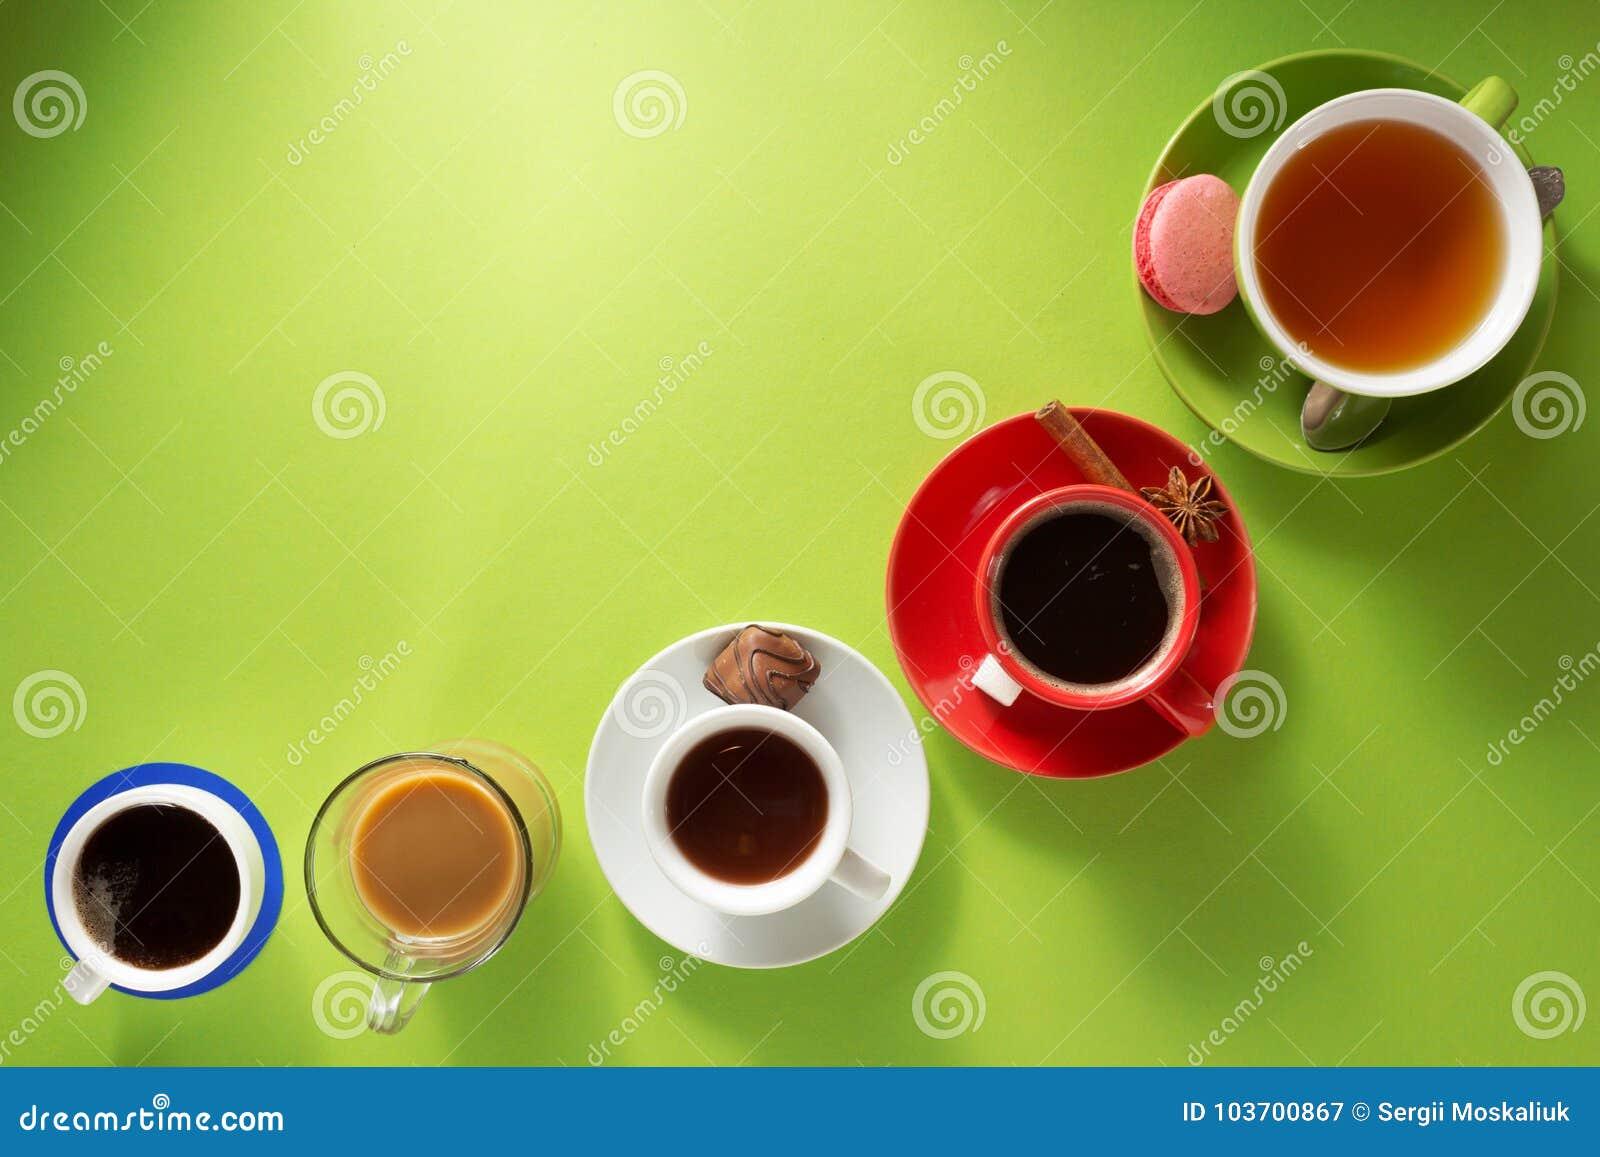 Φλιτζάνι του καφέ, τσάι και κακάο